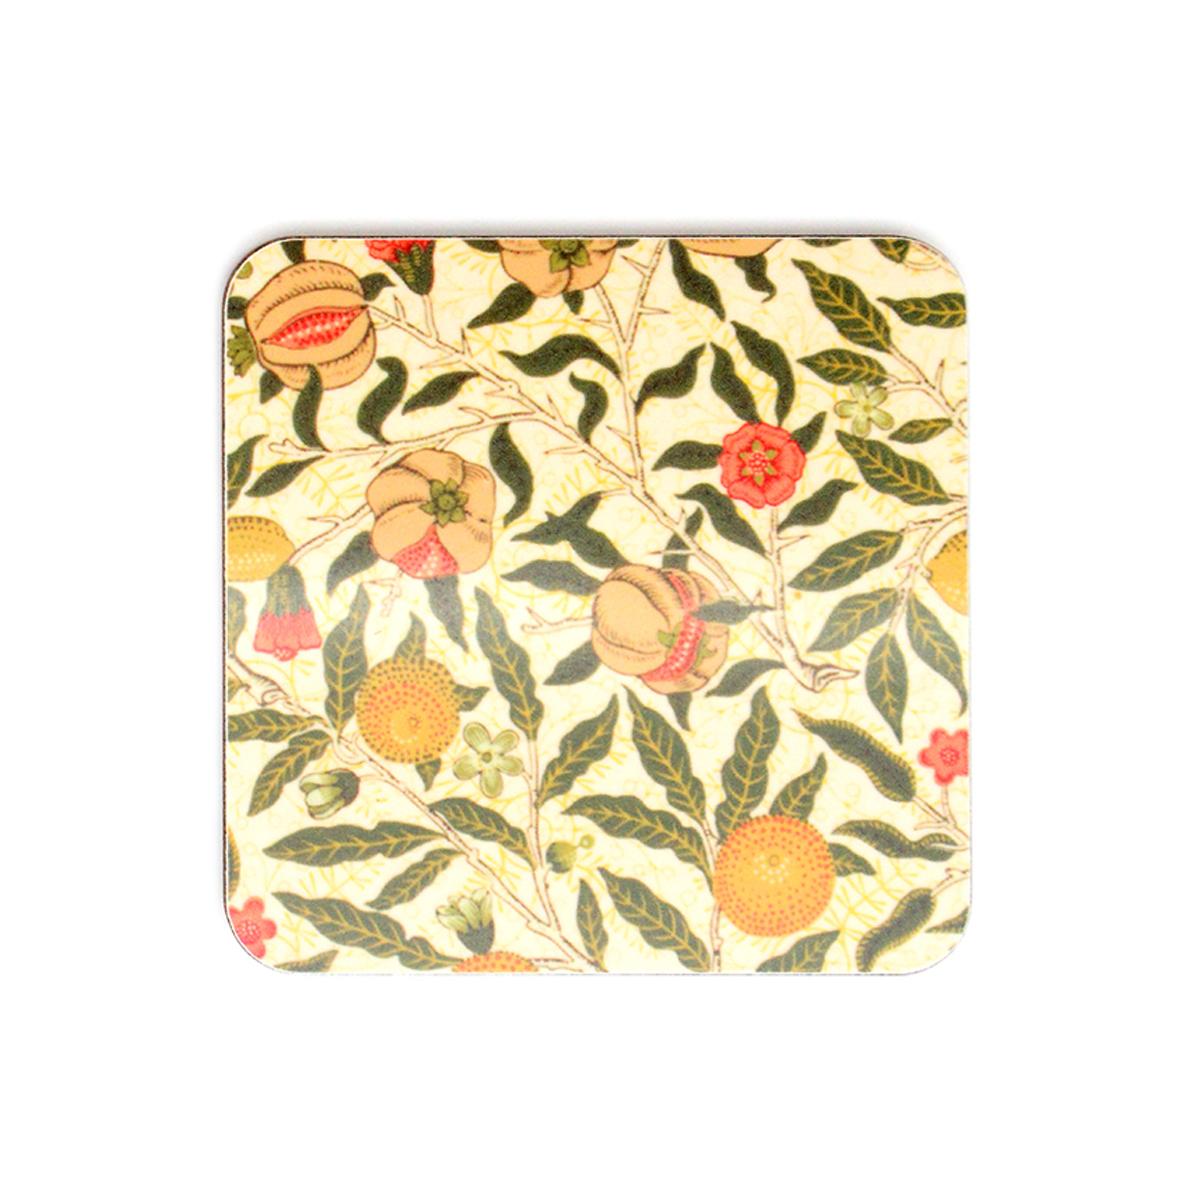 William Morris Fruit coaster